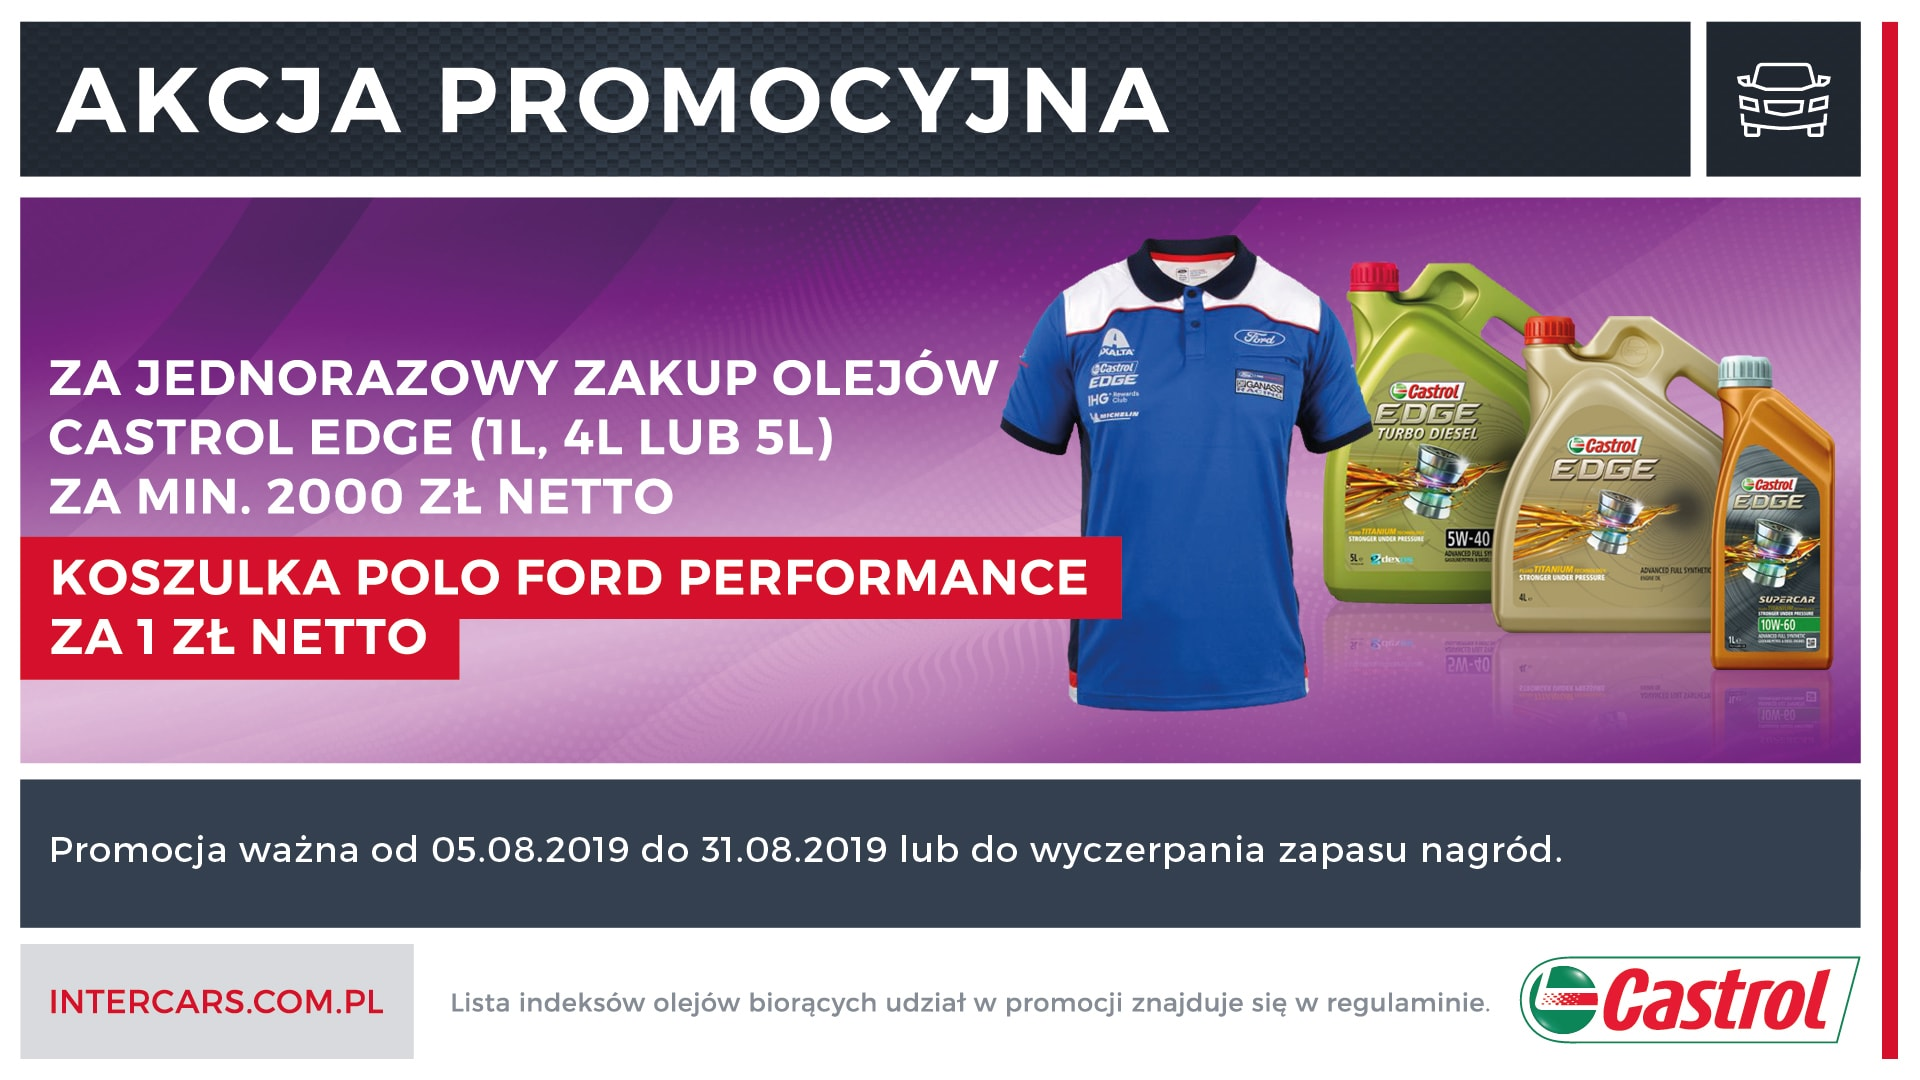 promocja_koszulka_polo_ford_performance_za_1_zł_netto_rynek_osobowy_1920x1080_newsletter-min.jpg